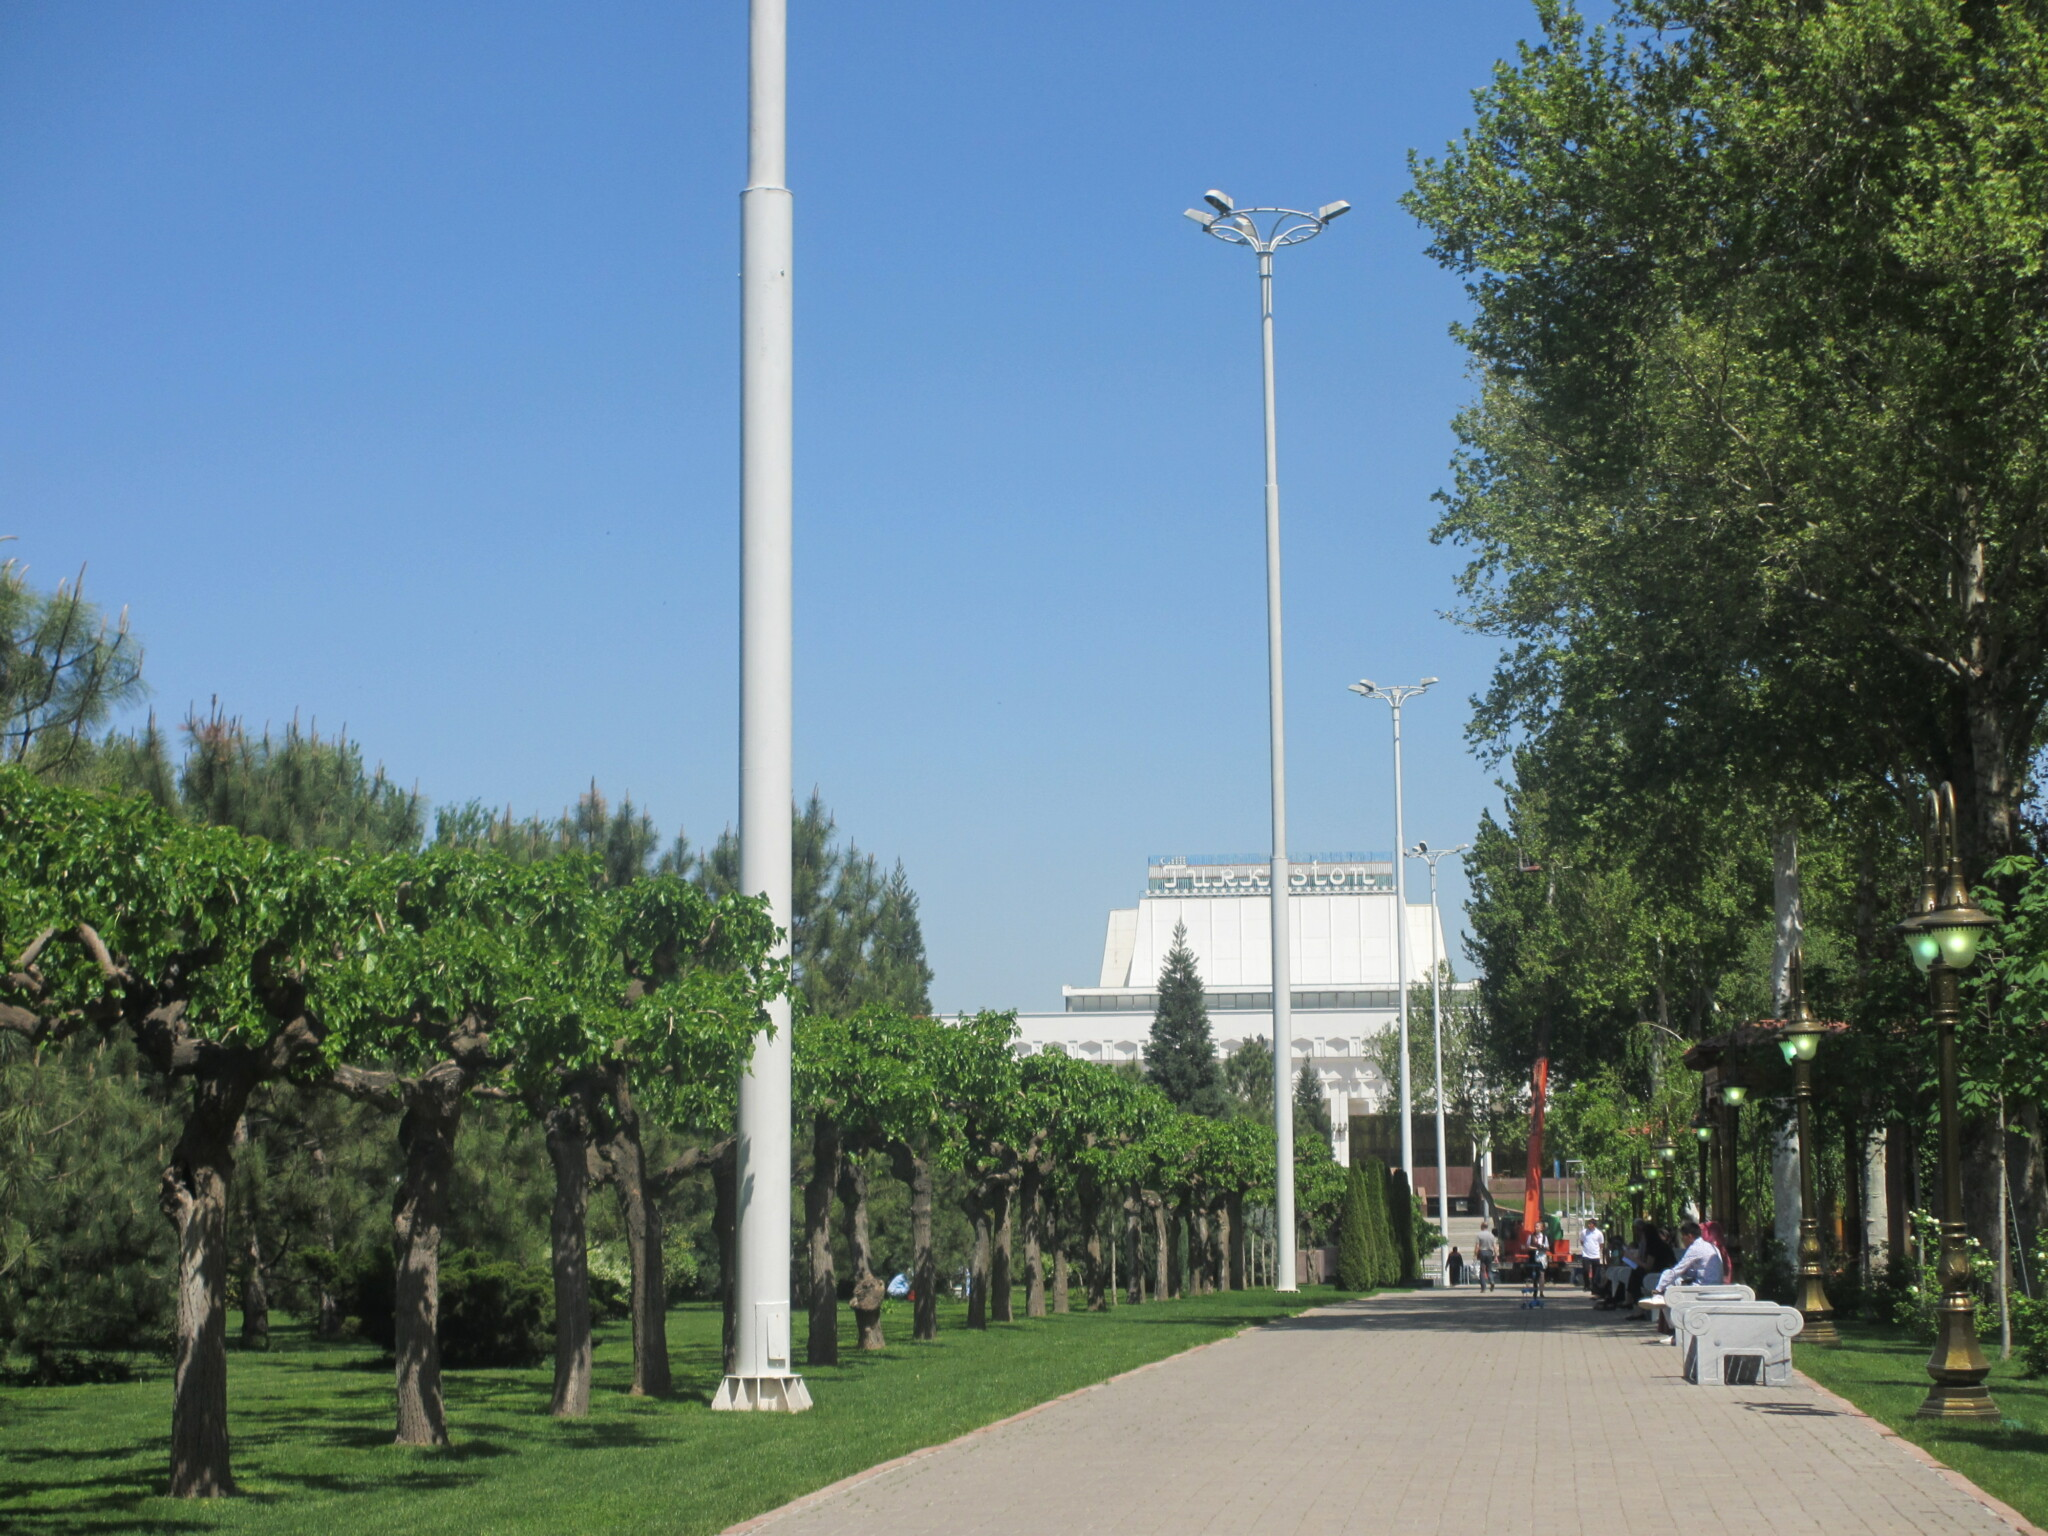 parki-tashkenta